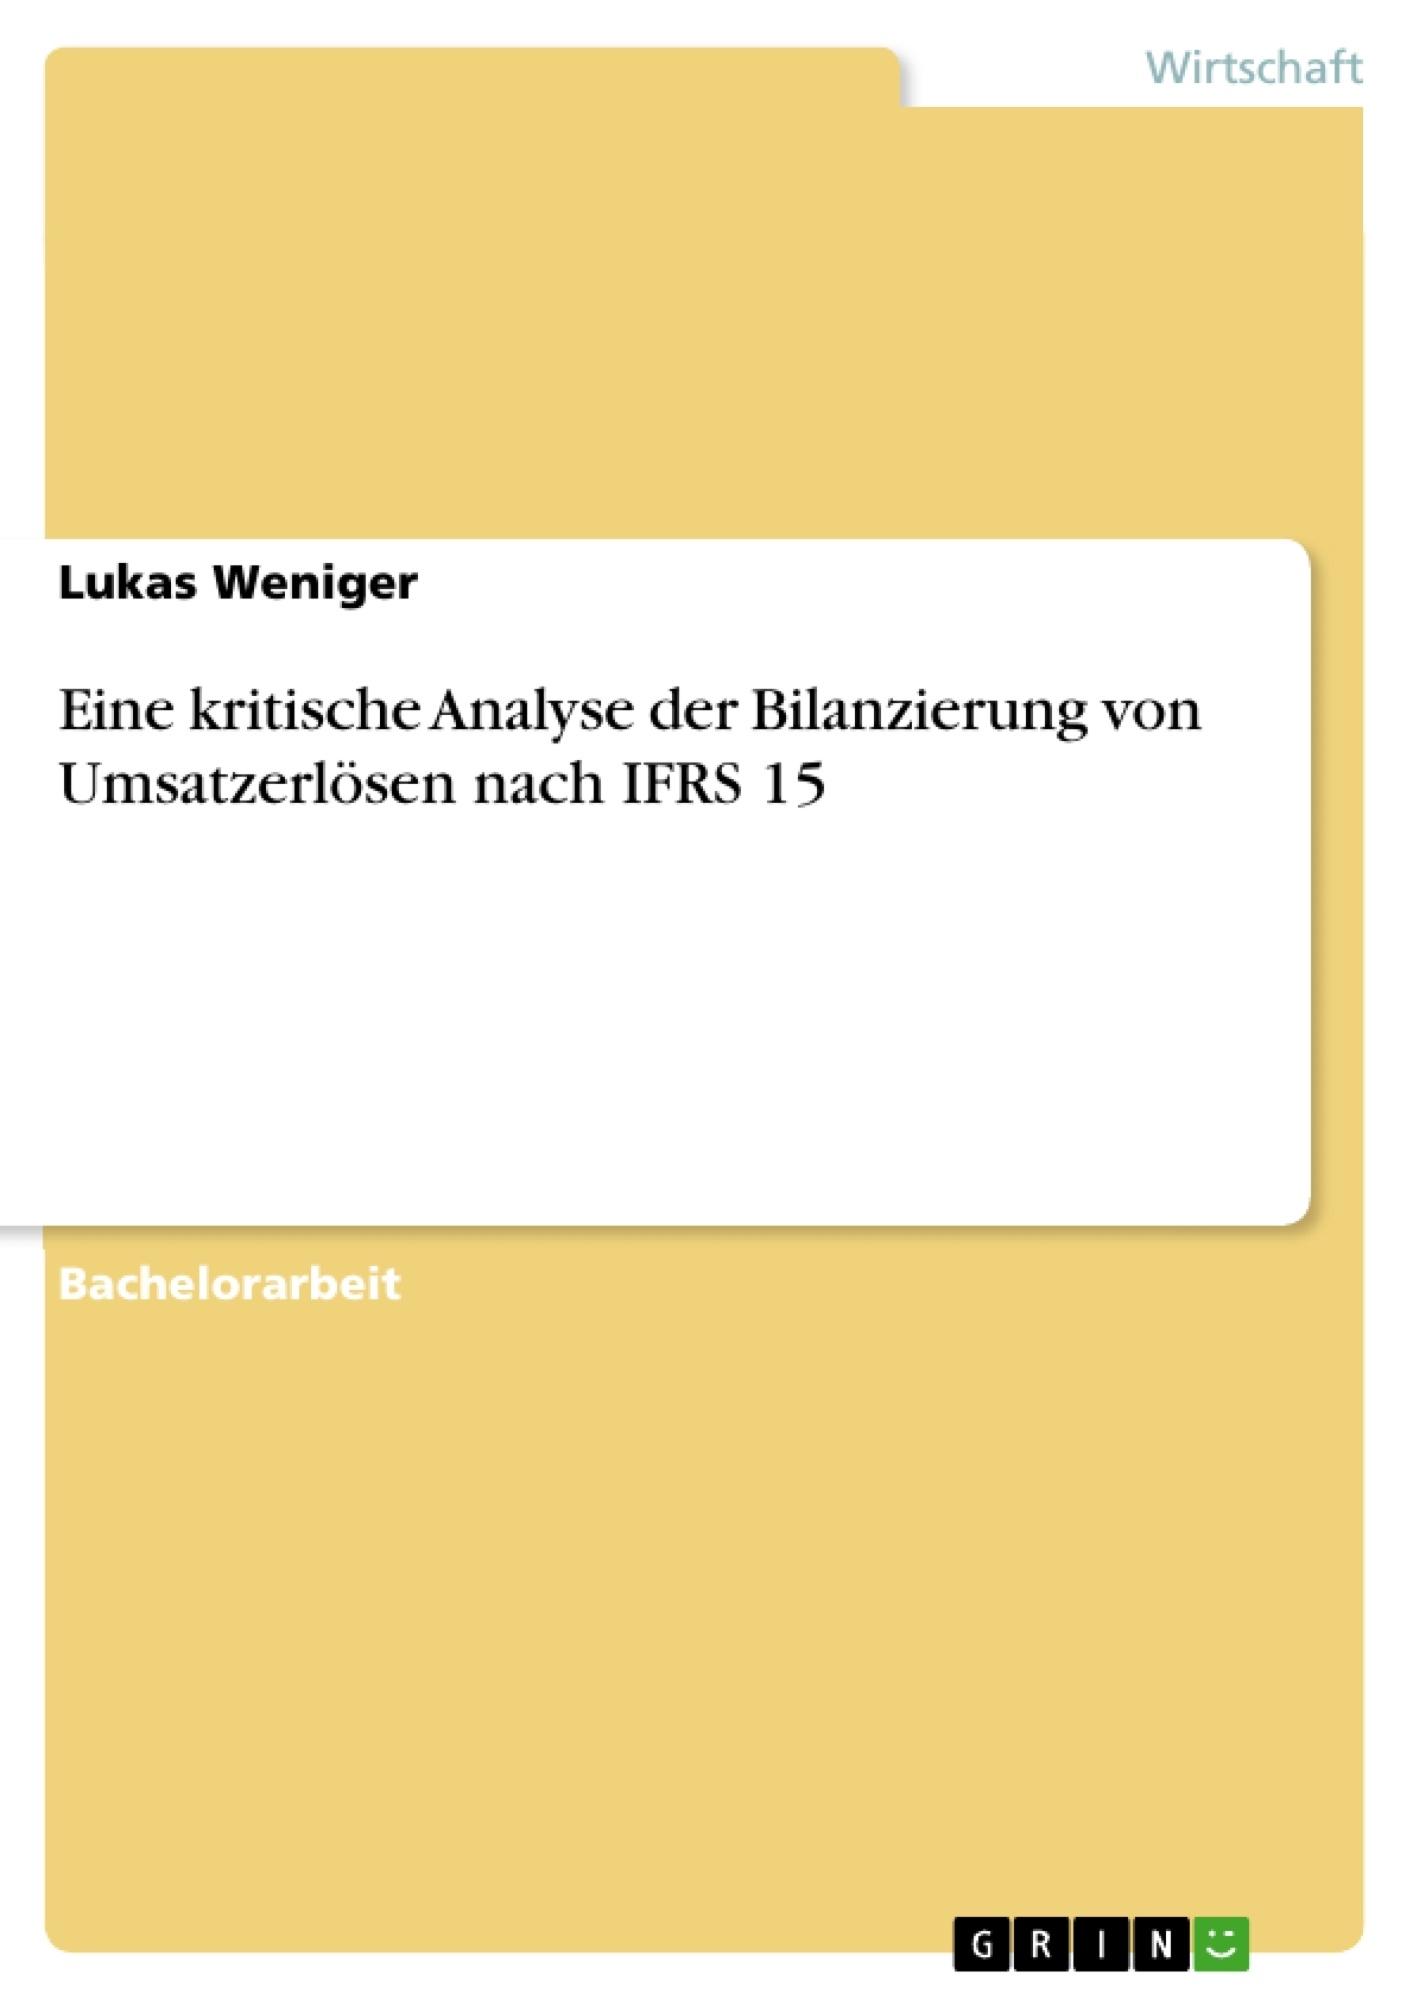 Titel: Eine kritische Analyse der Bilanzierung von Umsatzerlösen nach IFRS 15